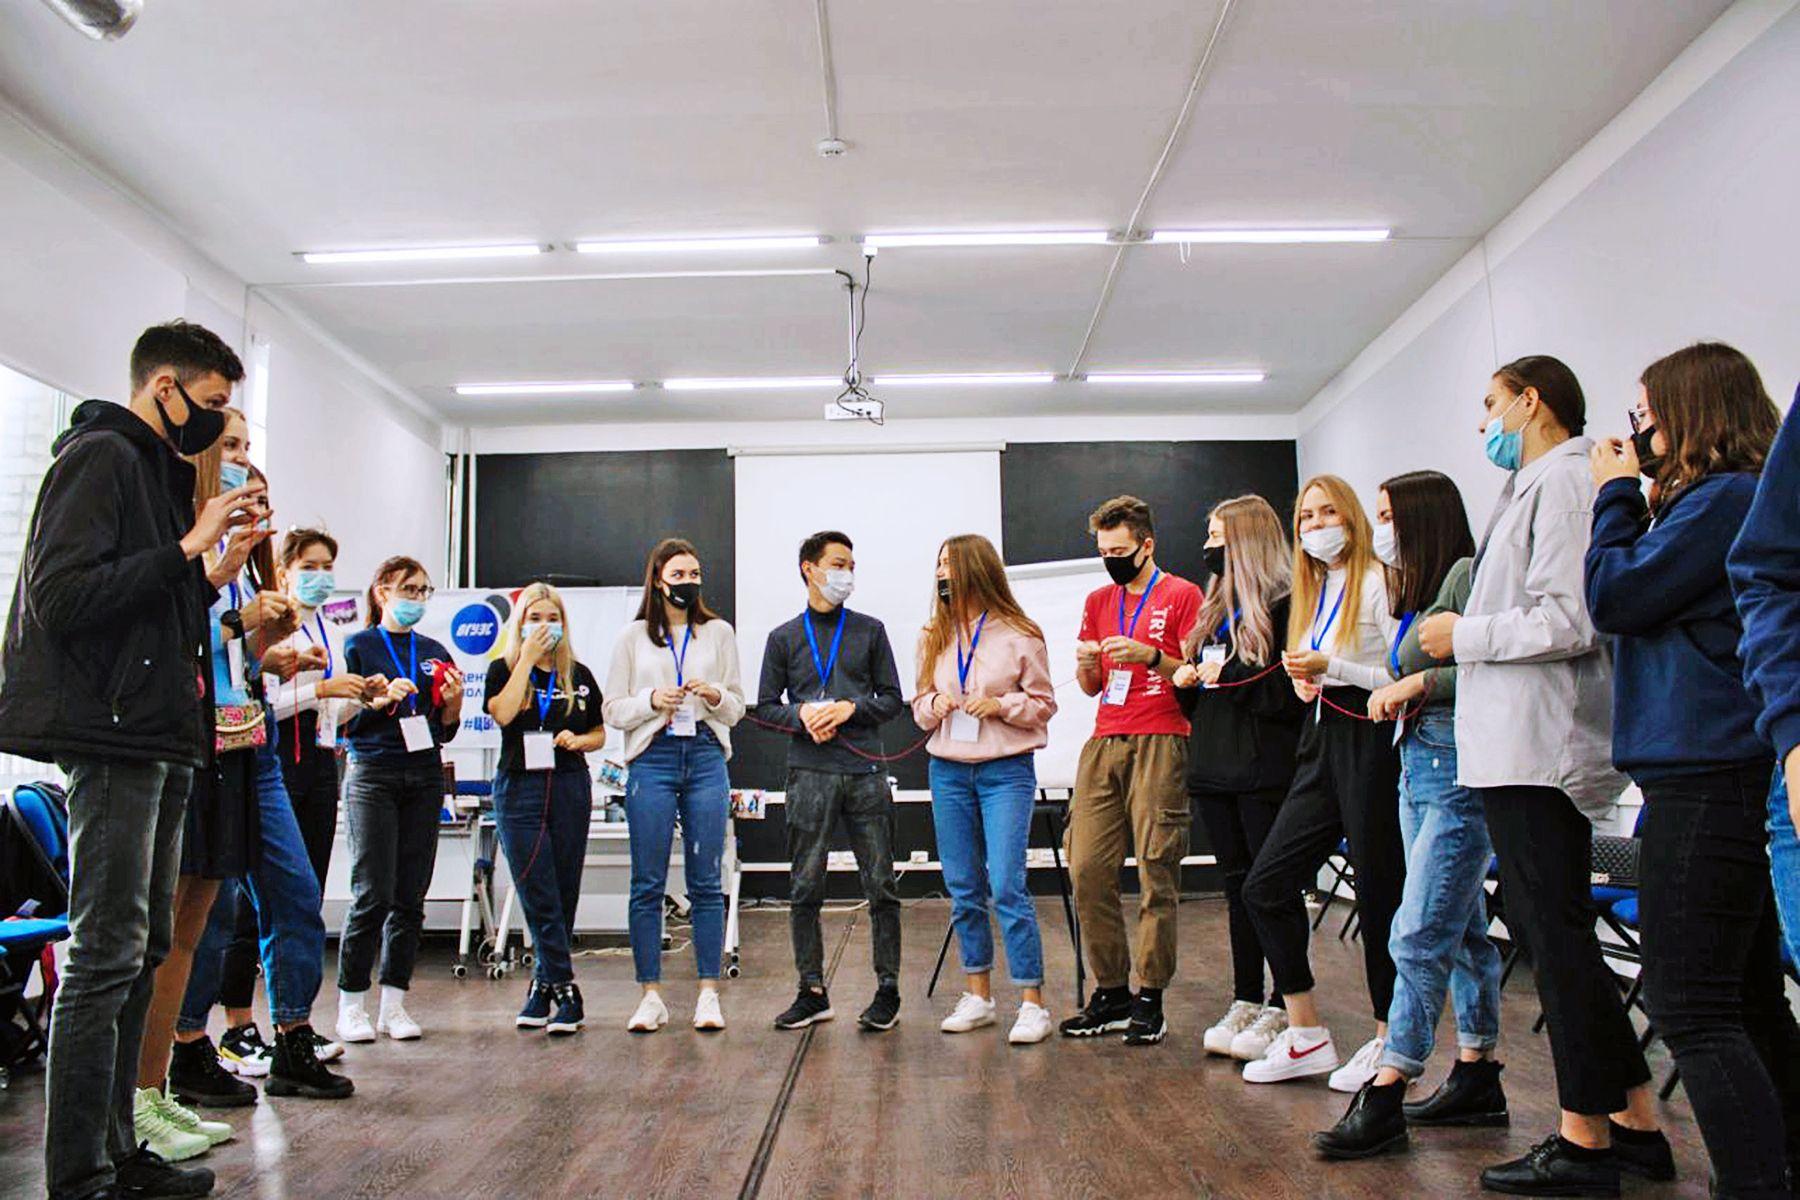 Центр волонтёров ВГУЭС обучил начинающих добровольцев основам работы в составе наградной и протокольной команды